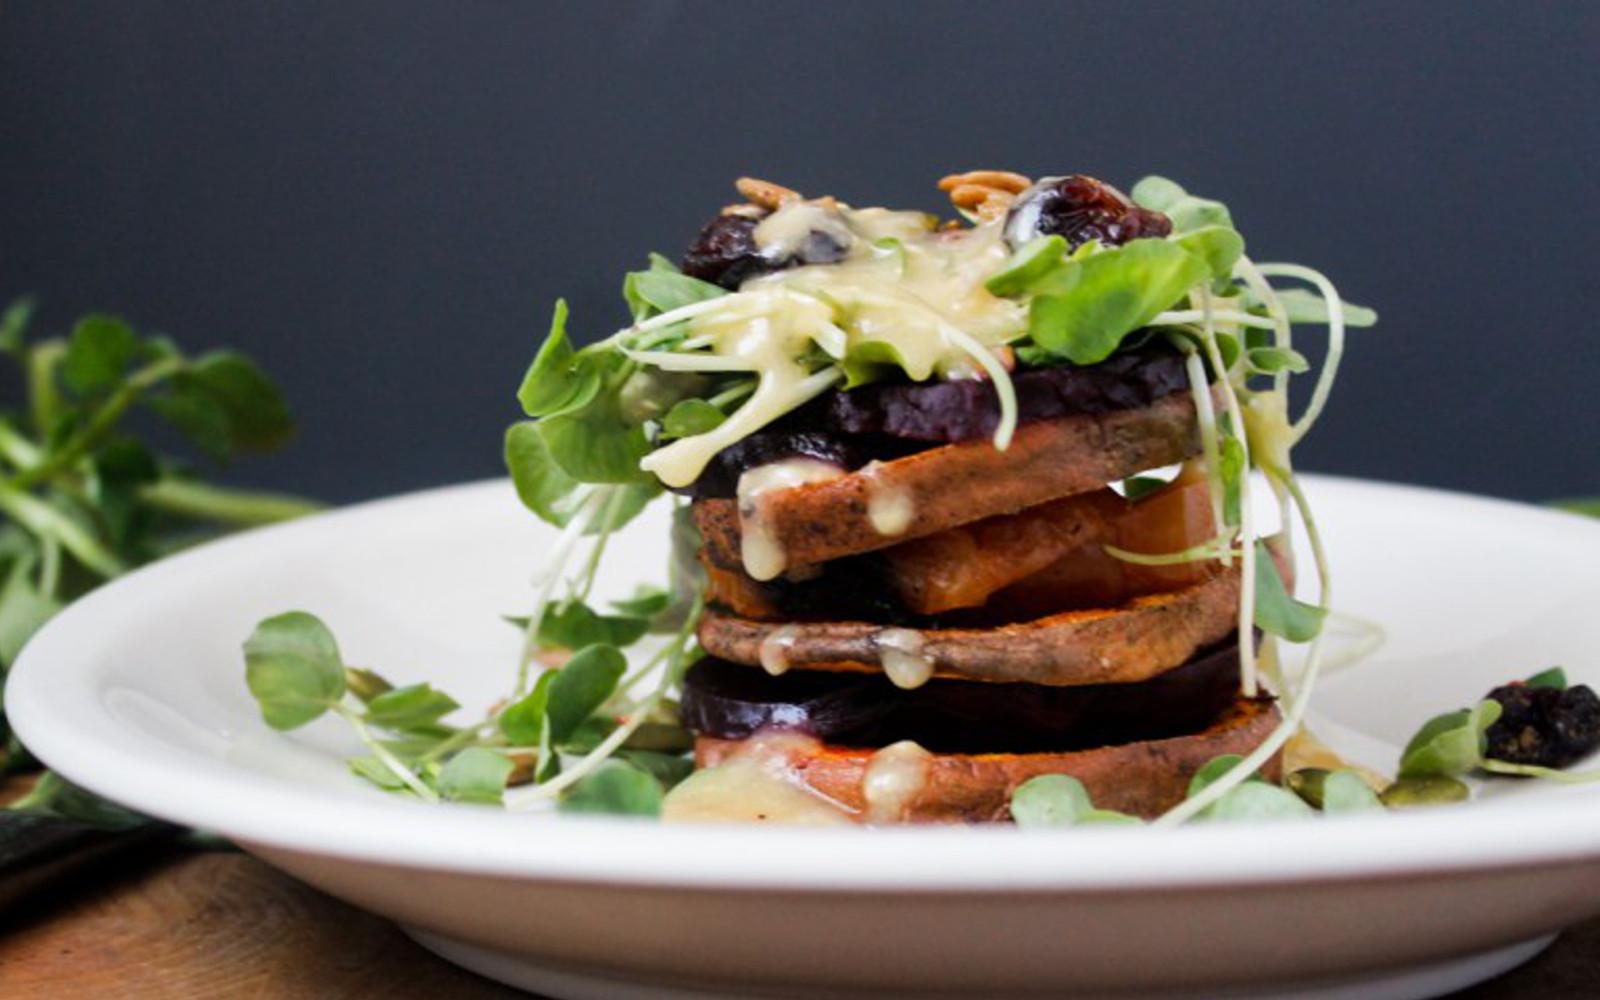 Sweet Potato and Beet Salad [Vegan]